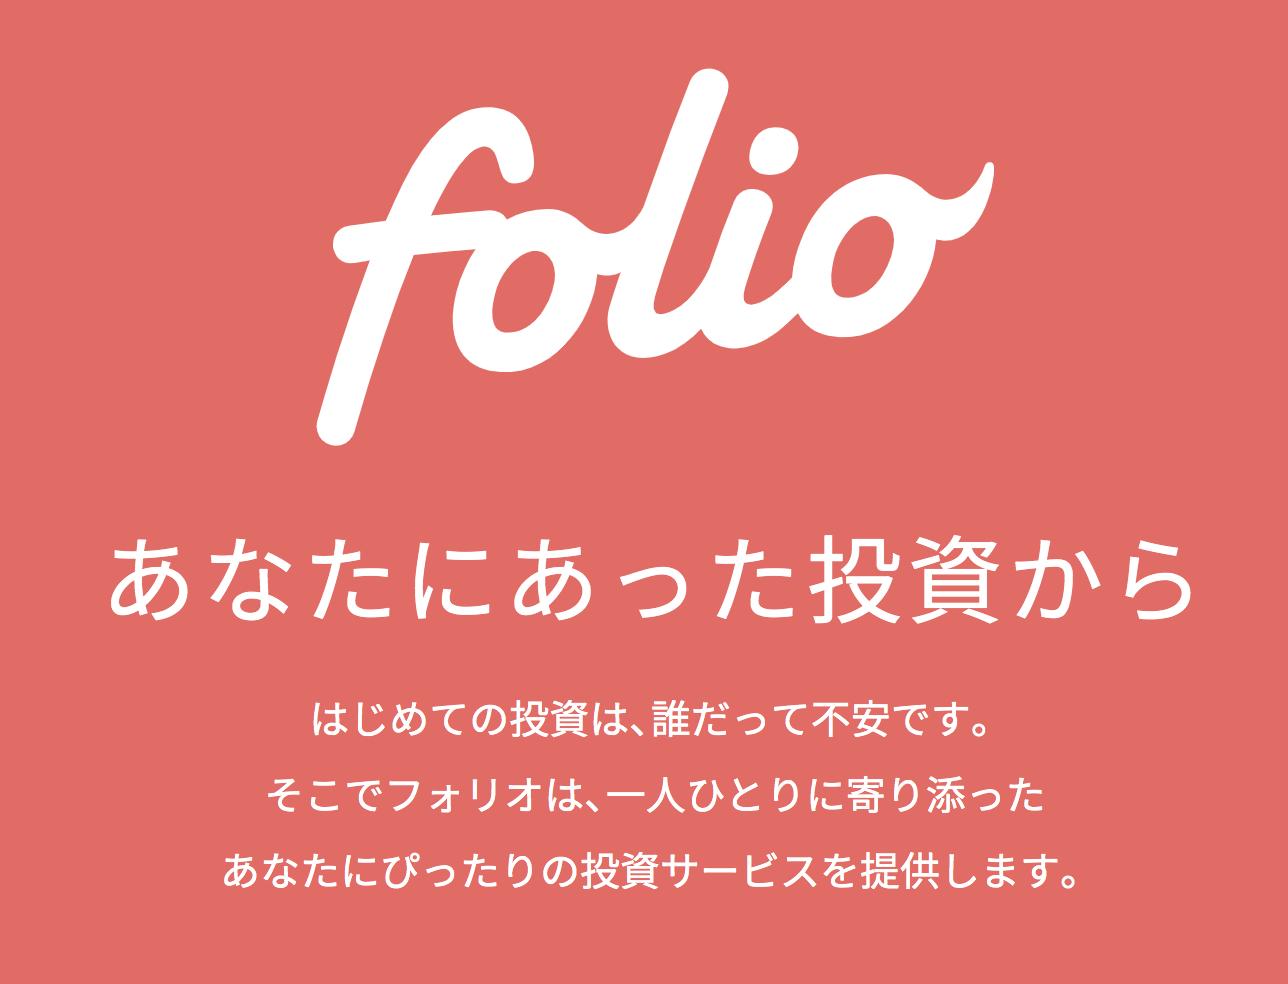 【FOLIO】テーマ投資型ロボアドバイザーとして儲かると評判の『フォリオ』の魅力を徹底評価